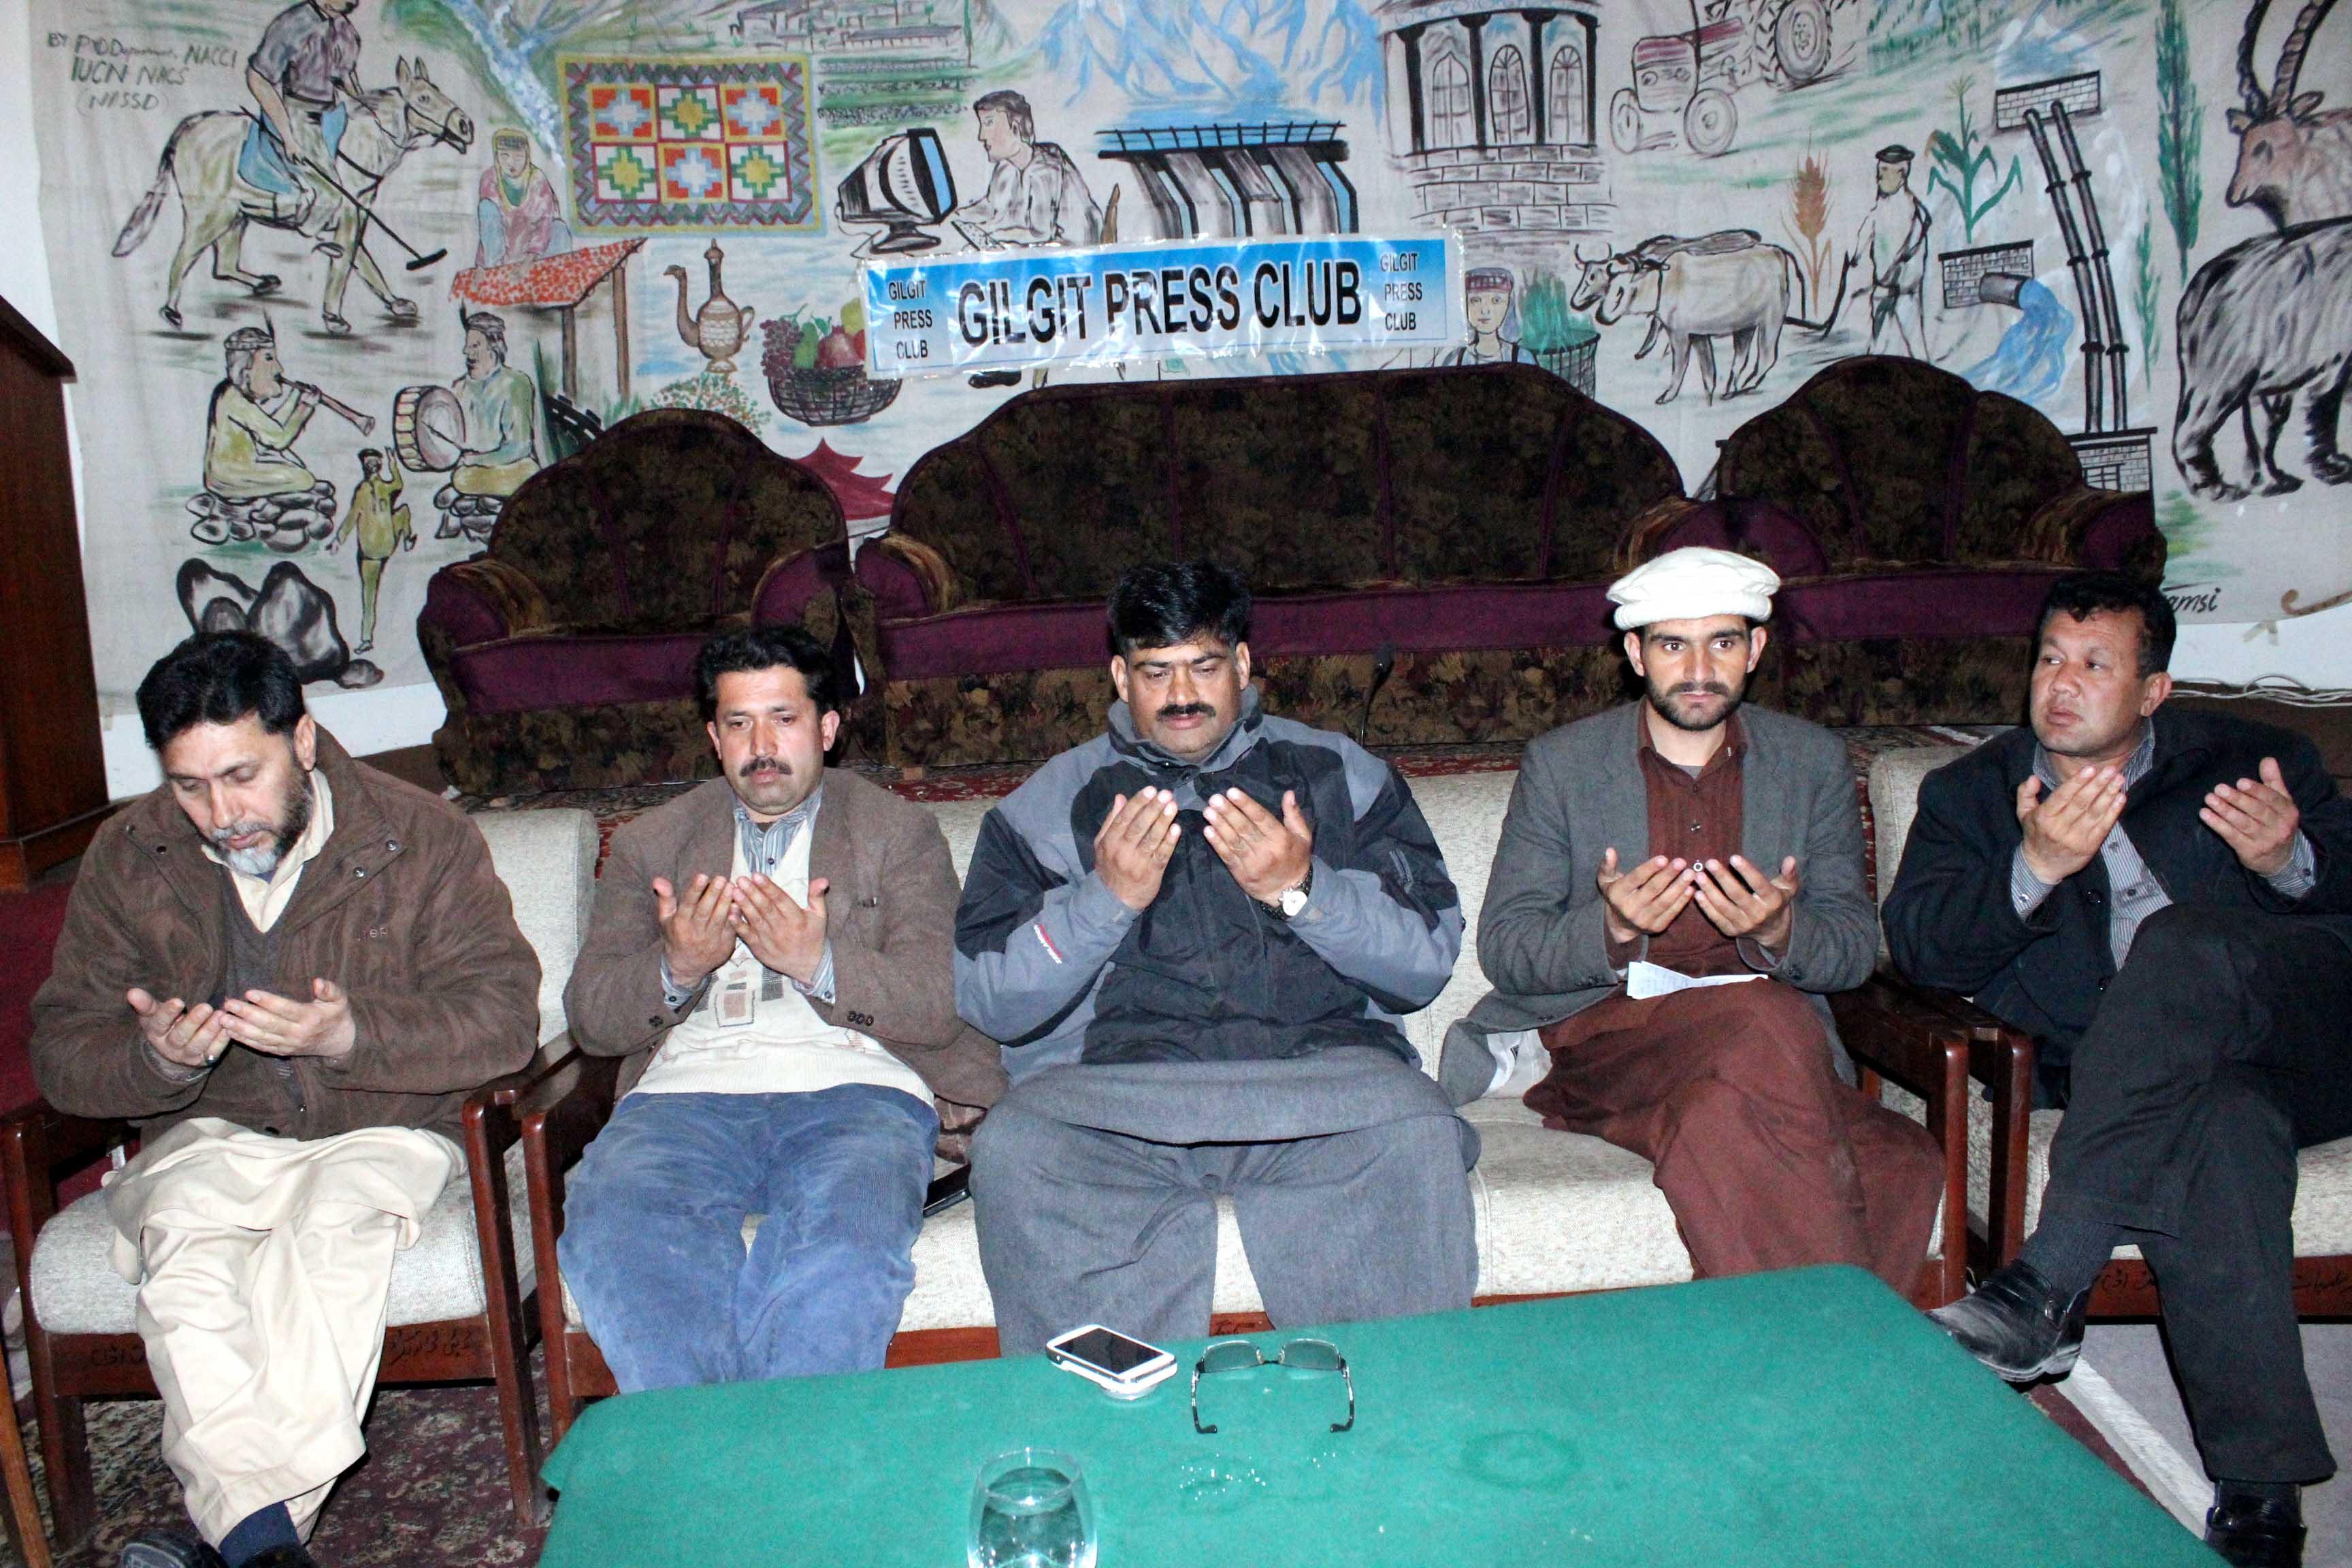 گلگت پریس کلب میں سینئر صحافی سیعد حسن مرحوم کی یاد میں تقریب منعقد